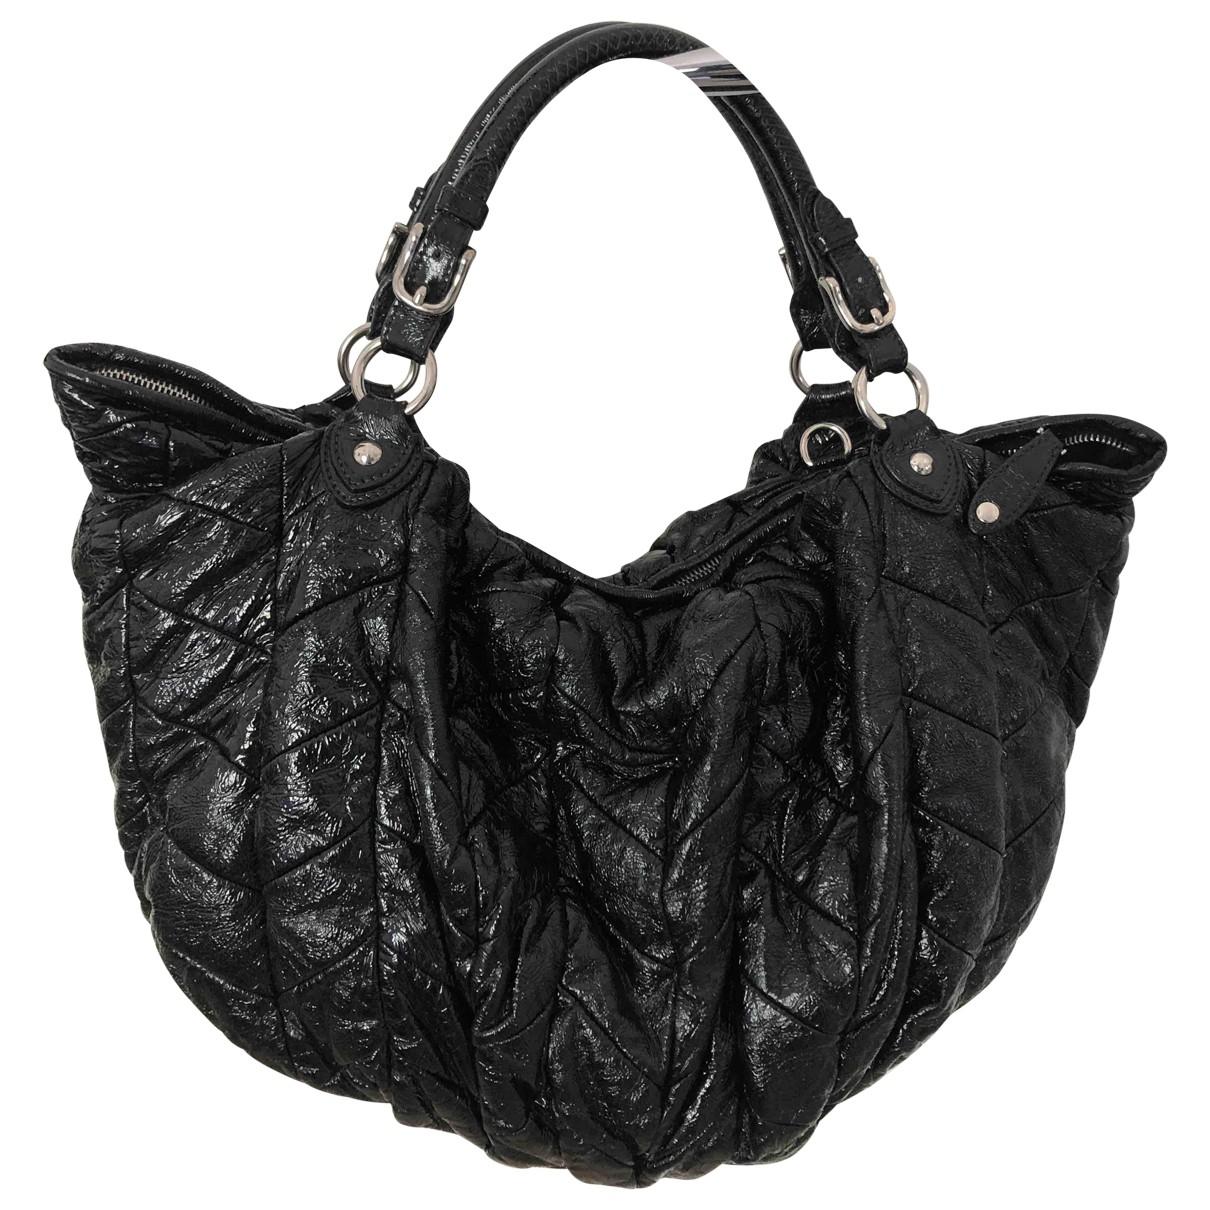 Miu Miu \N Black Patent leather handbag for Women \N